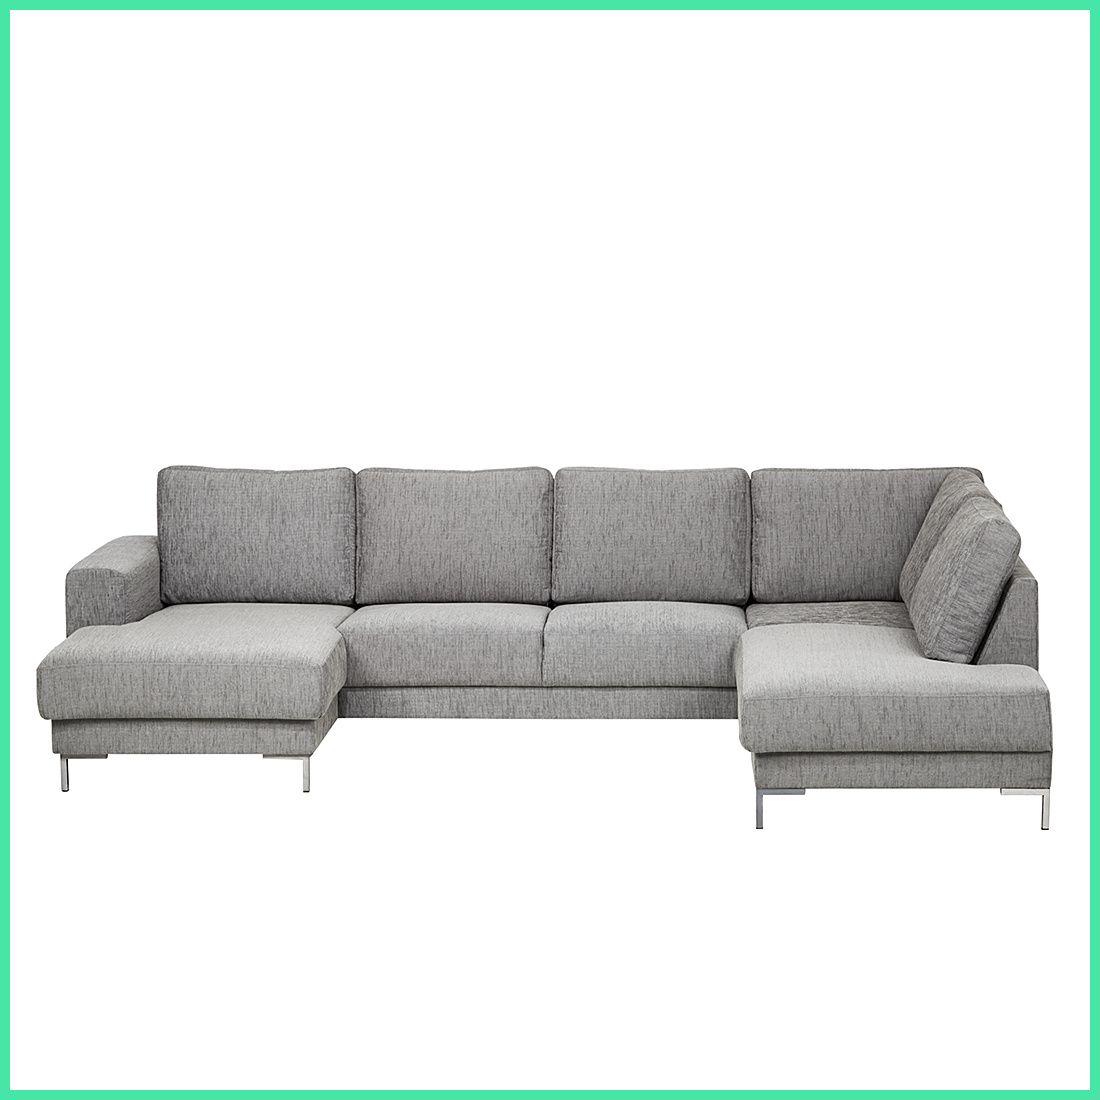 Wohnlandschaft Ecksofa Stoff Grau Sofa Couch Eckcouch Sofa